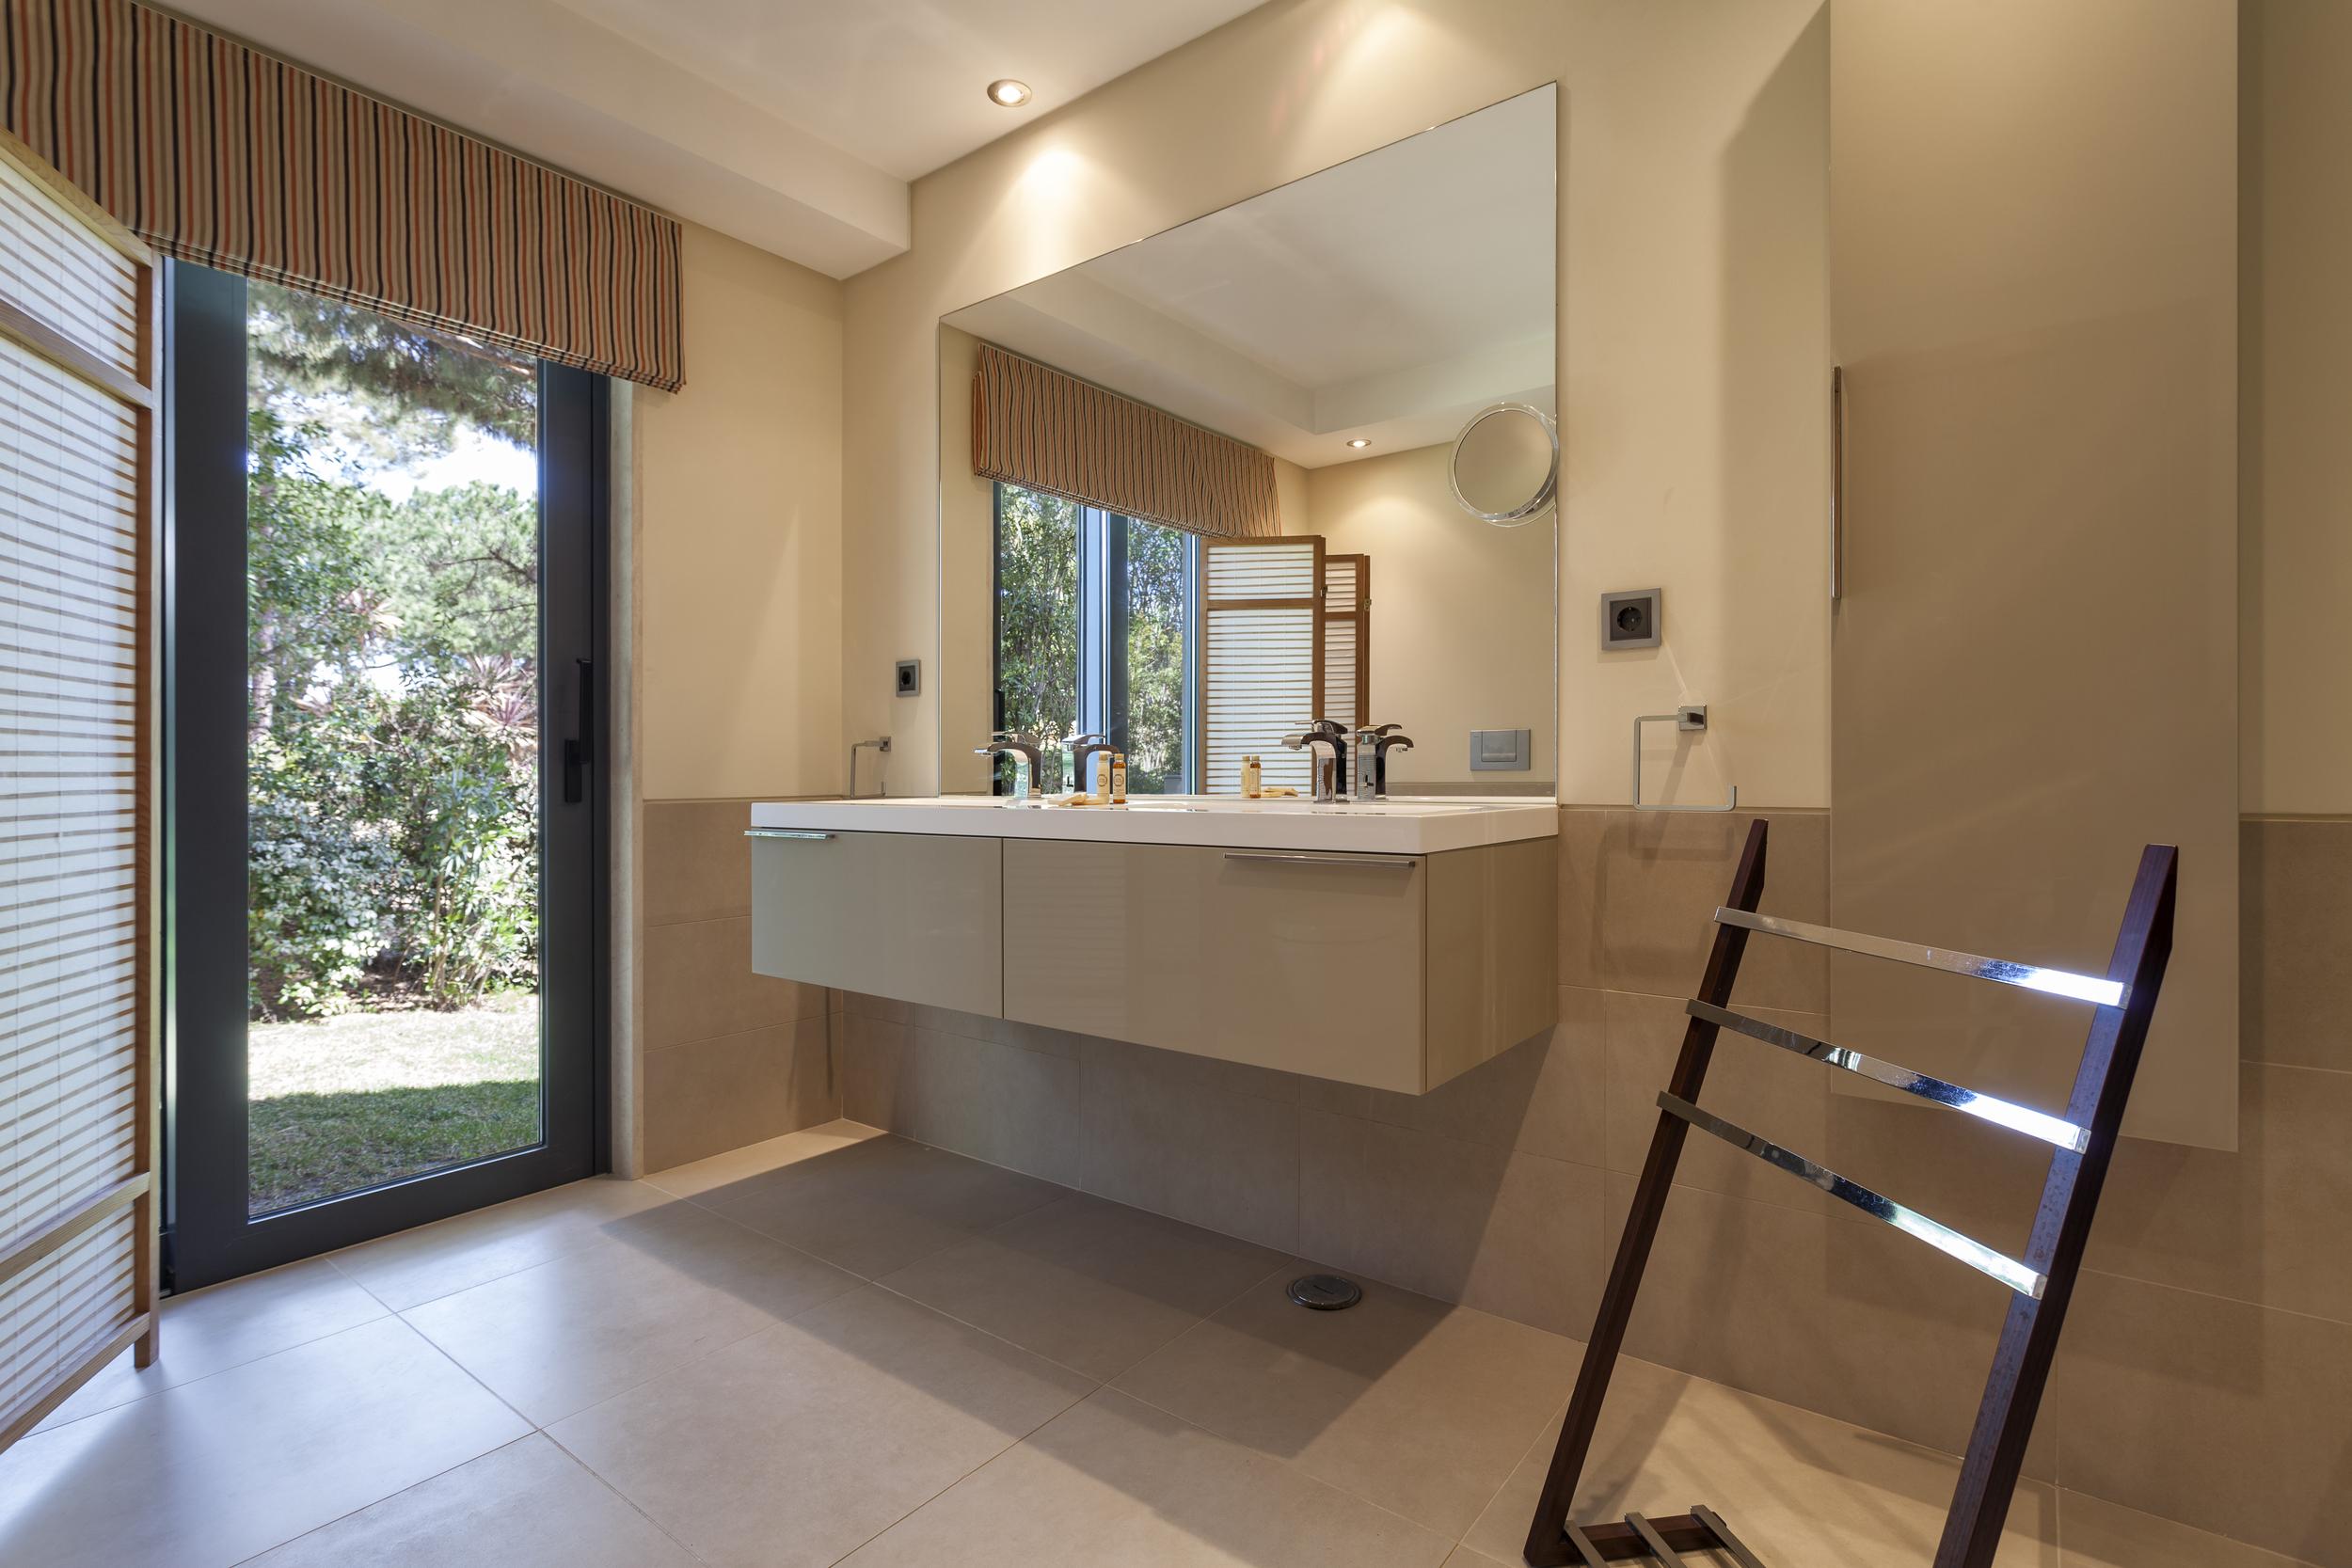 4 bedroom villa to rent in Quinta do Lago, RLV, Villa Serpentine, bathroom1.jpg